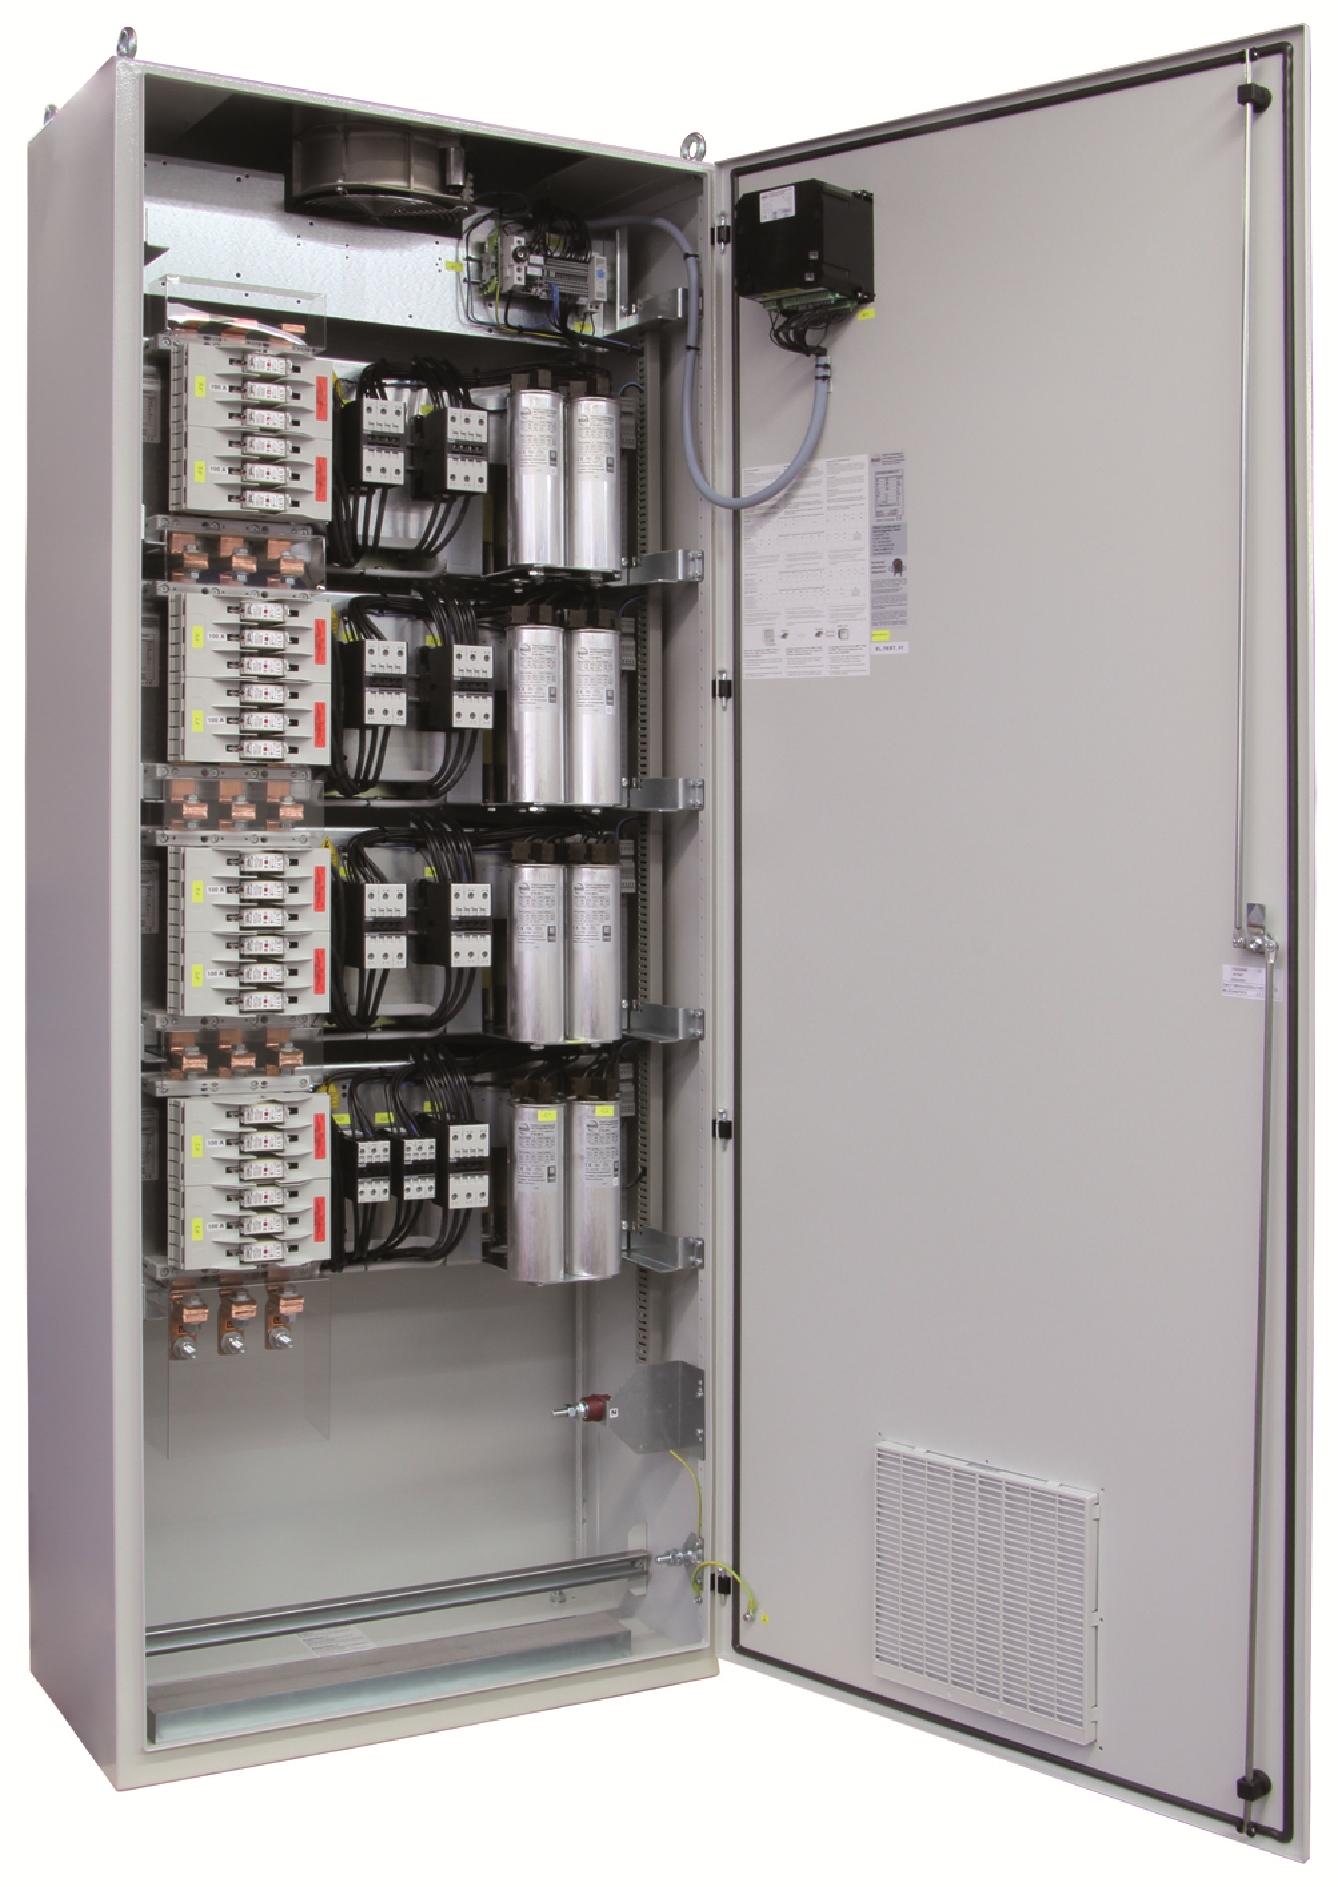 1 Stk Kompensation LSFC 7% 100/25kvar 800x2000x400mm FR3522666-